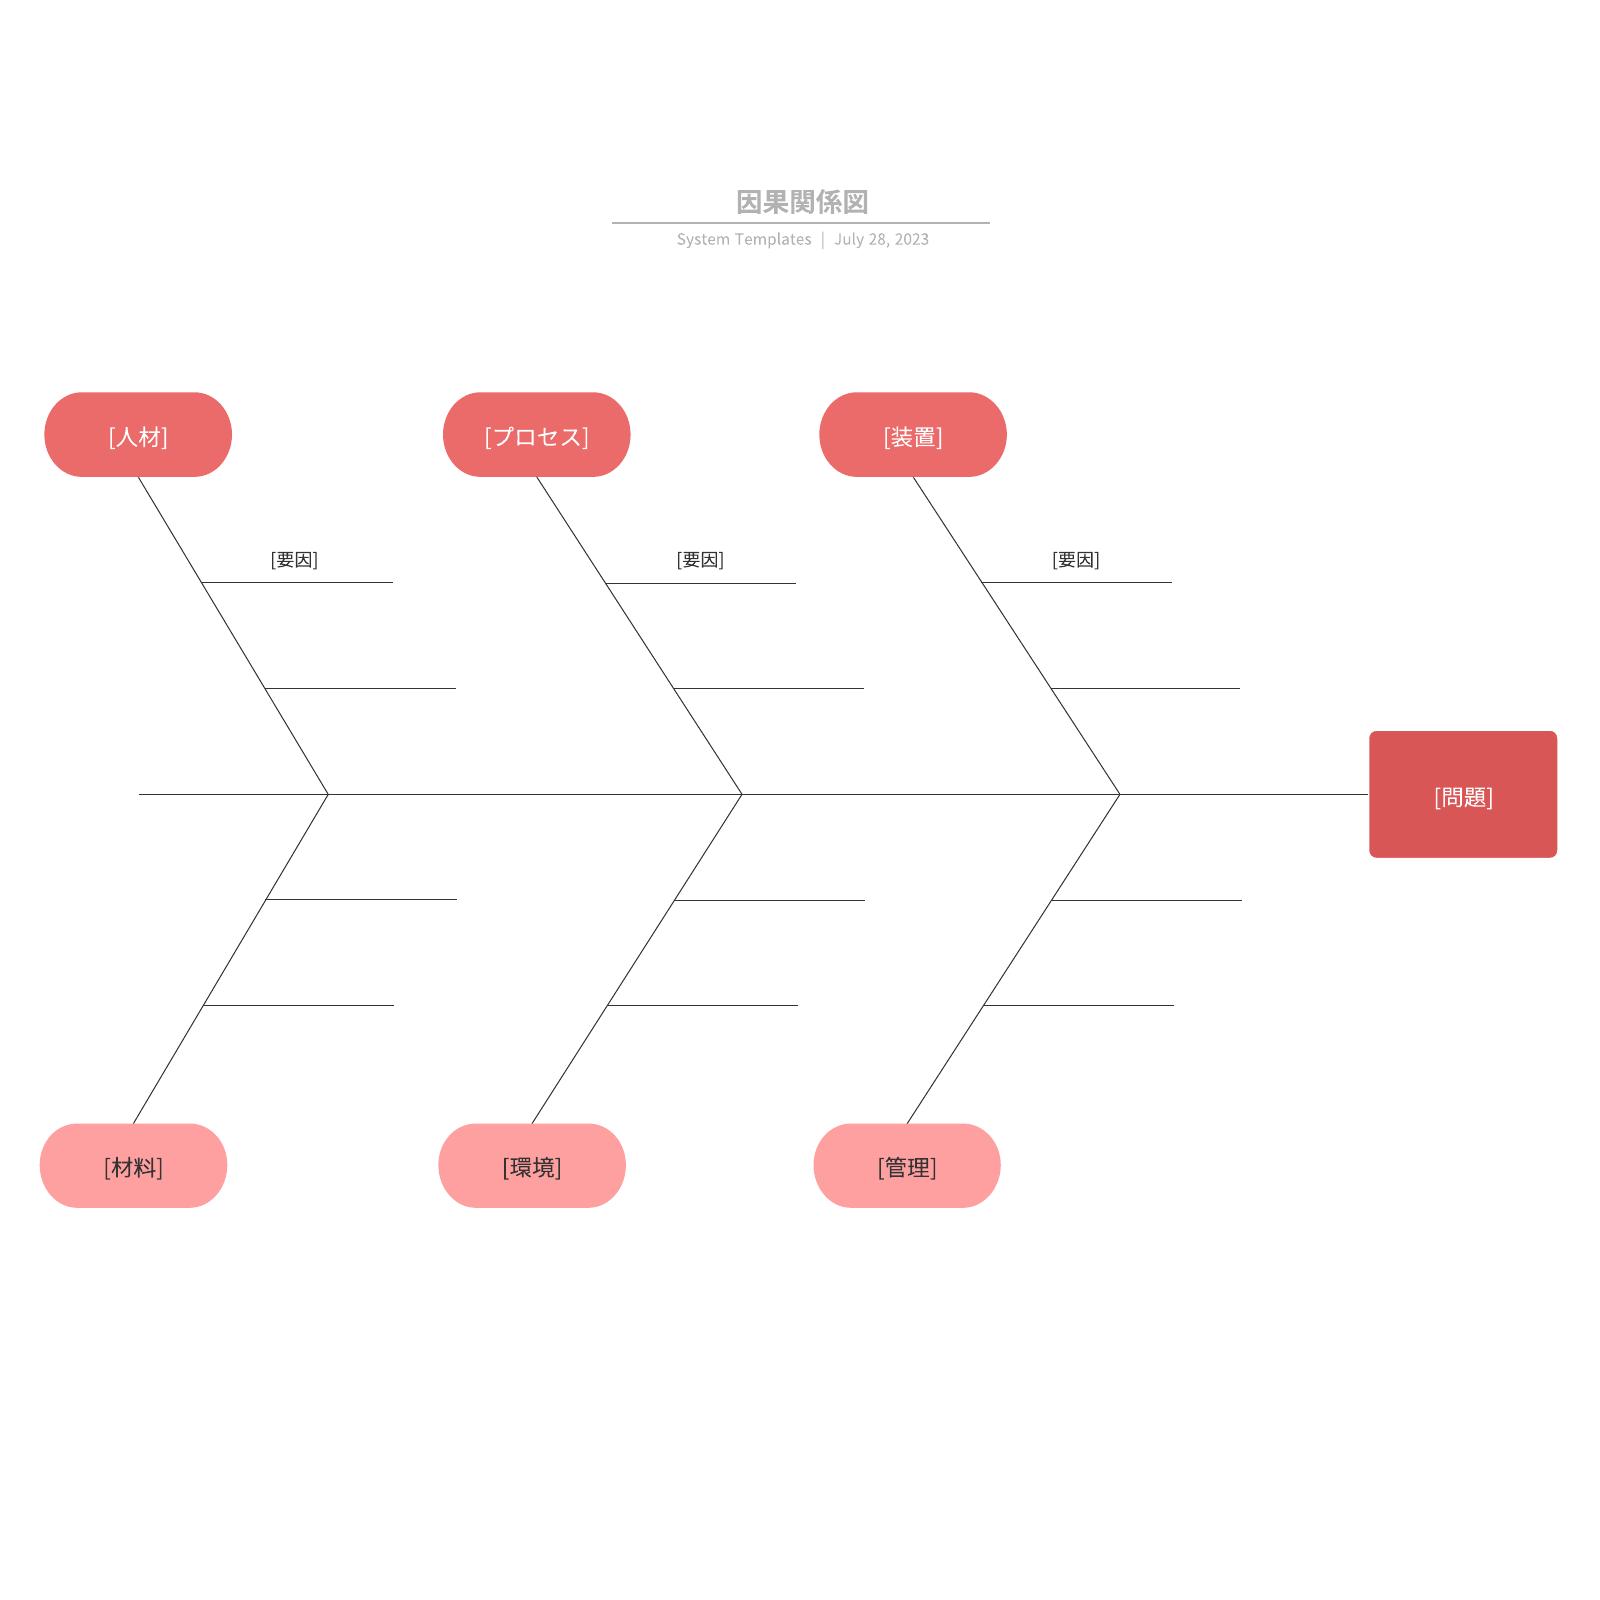 フィッシュボーン図因果関係図のテンプレート